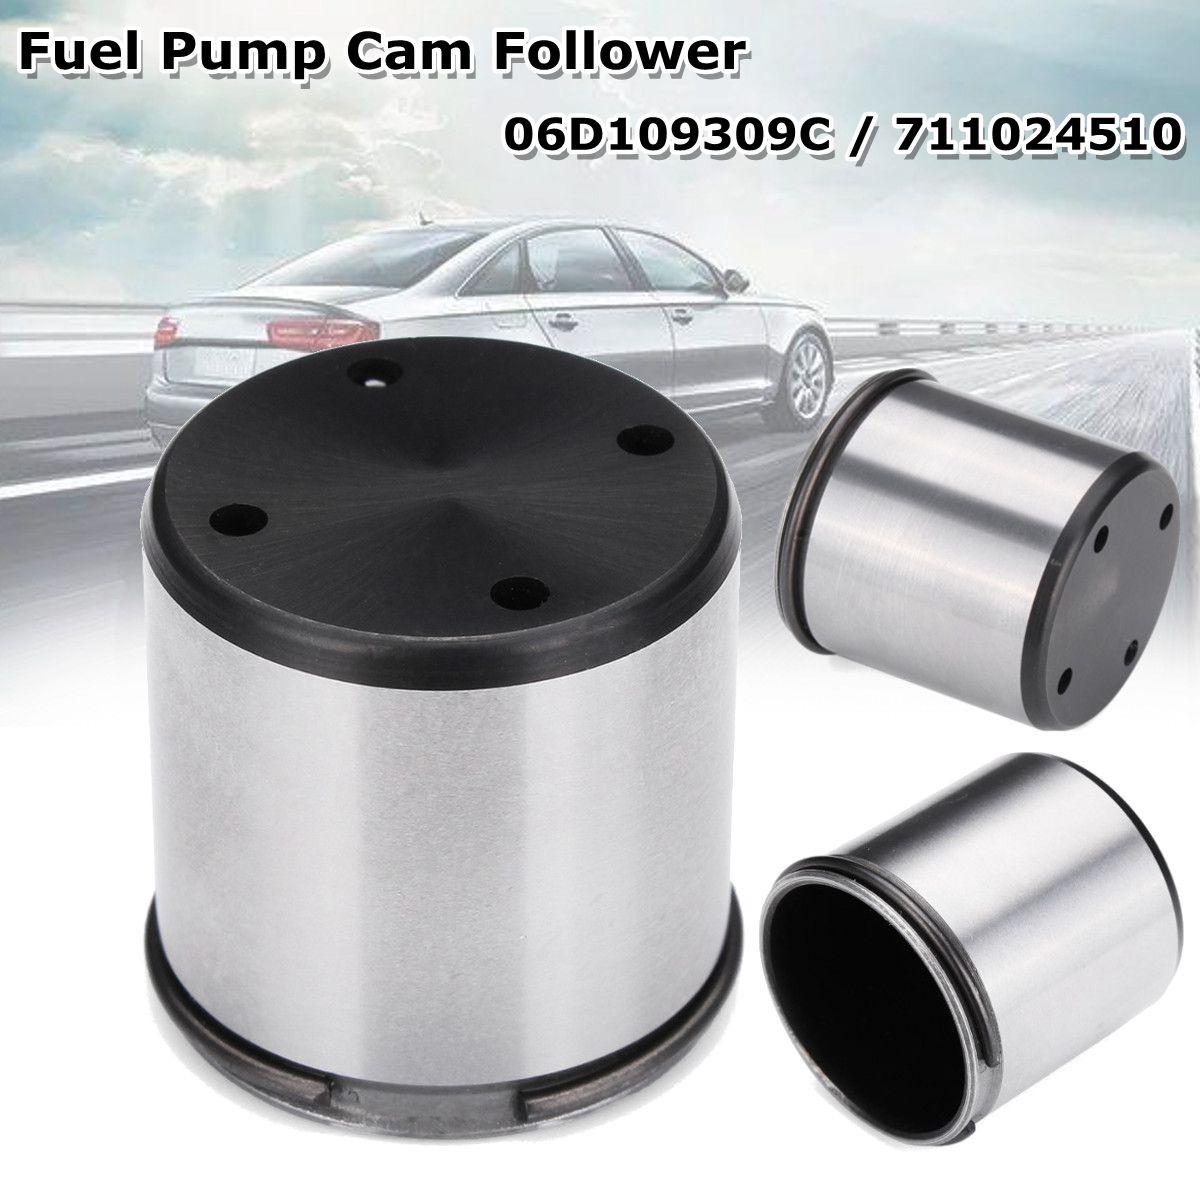 Repair Guides Fuel Tank Electric Fuel Pump Autozonecom